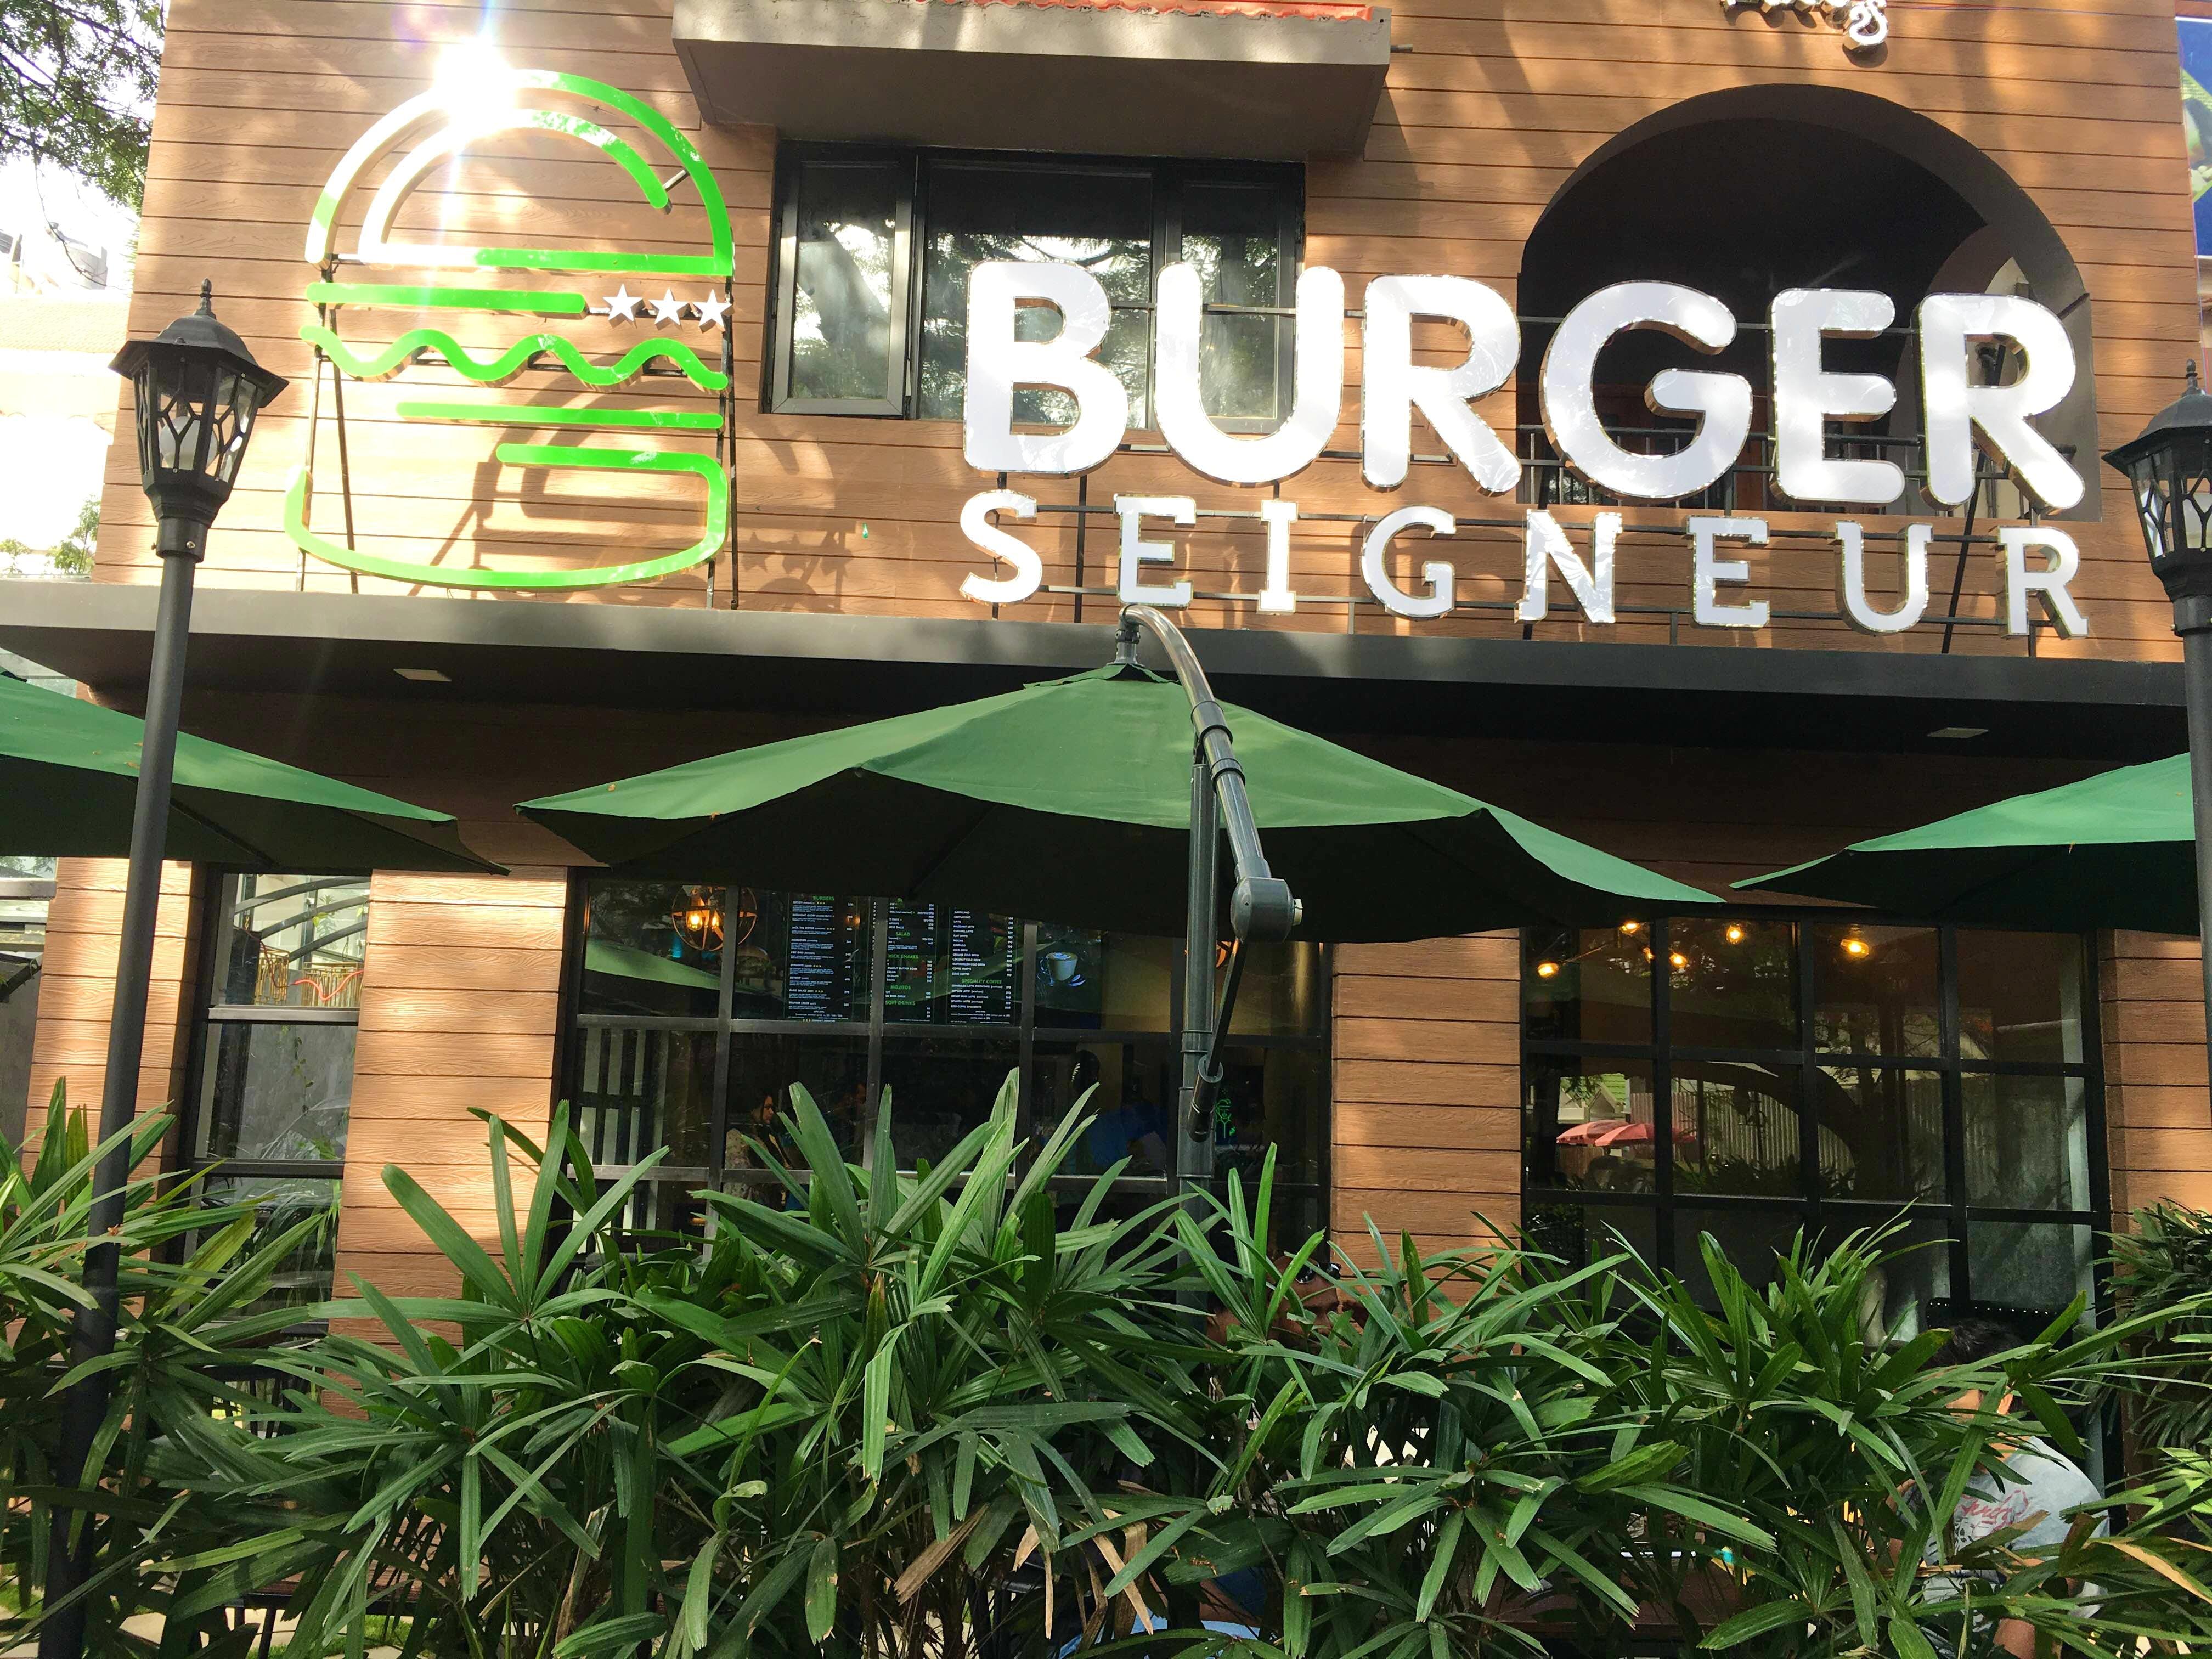 image - Burger Seigneur